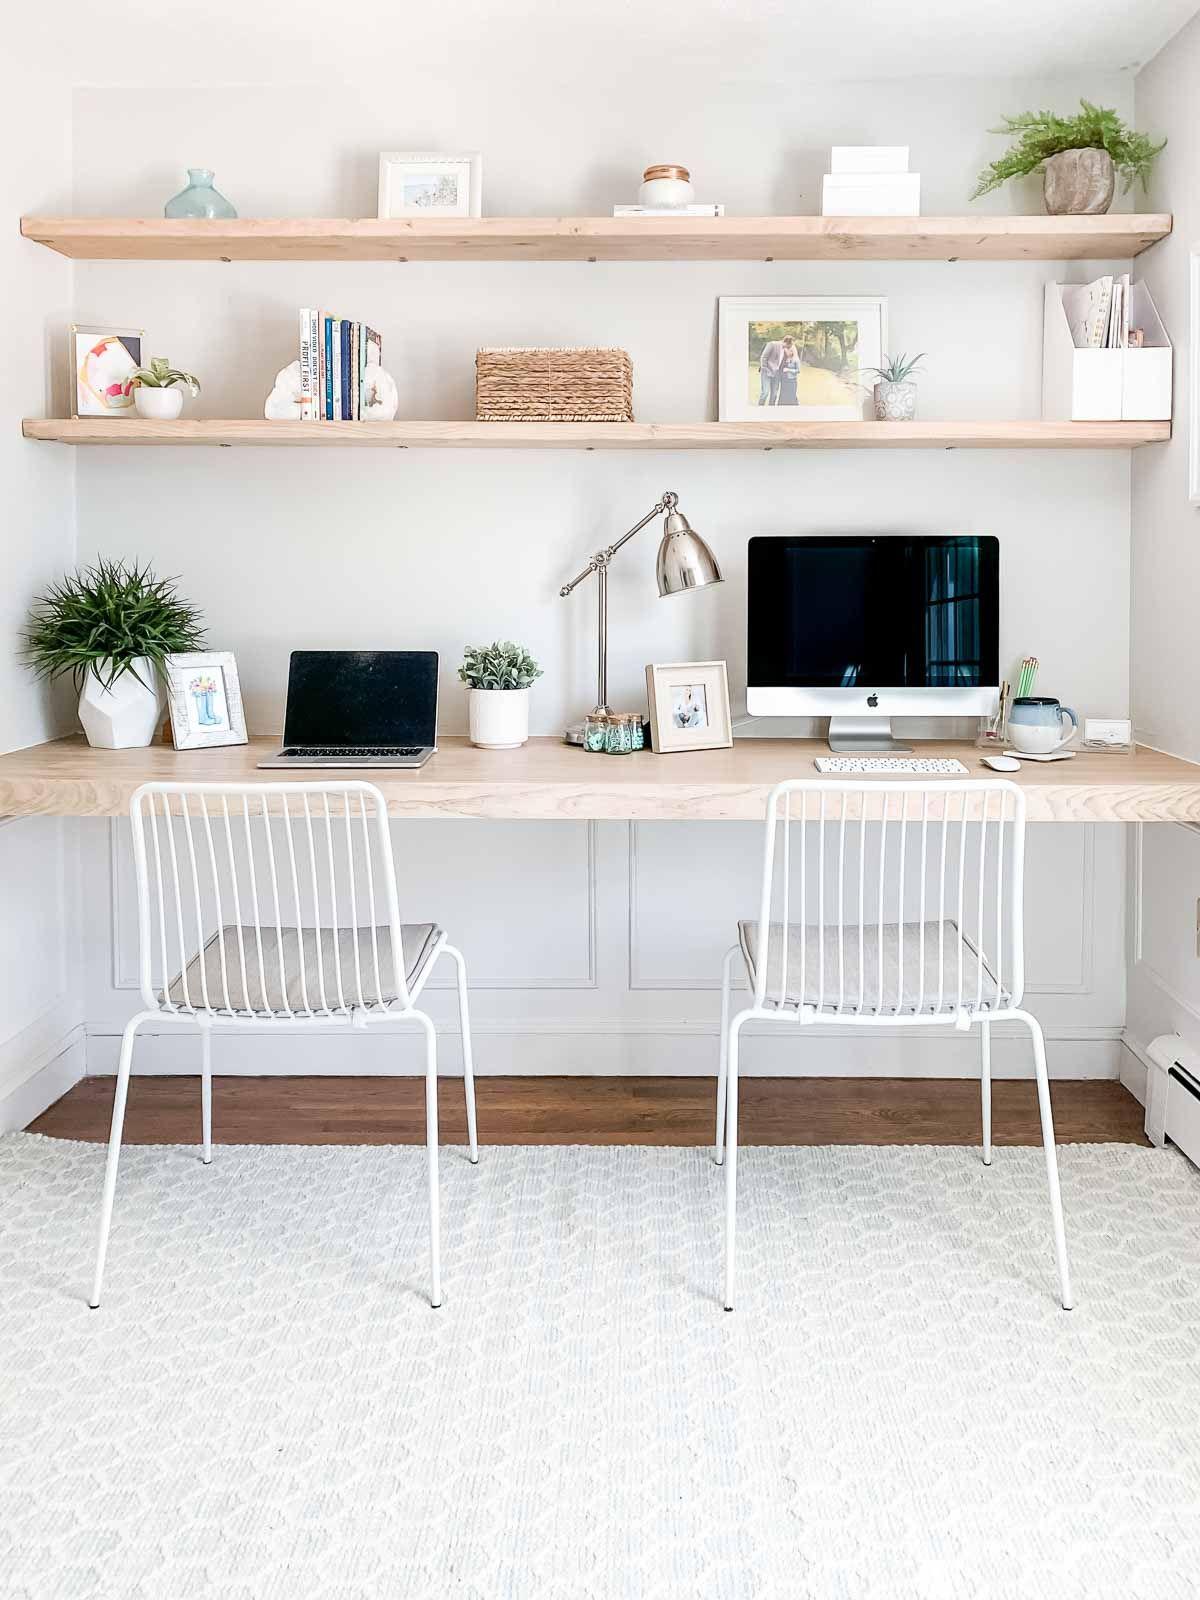 Diy Floating Desk And Shelves Home Office Decor